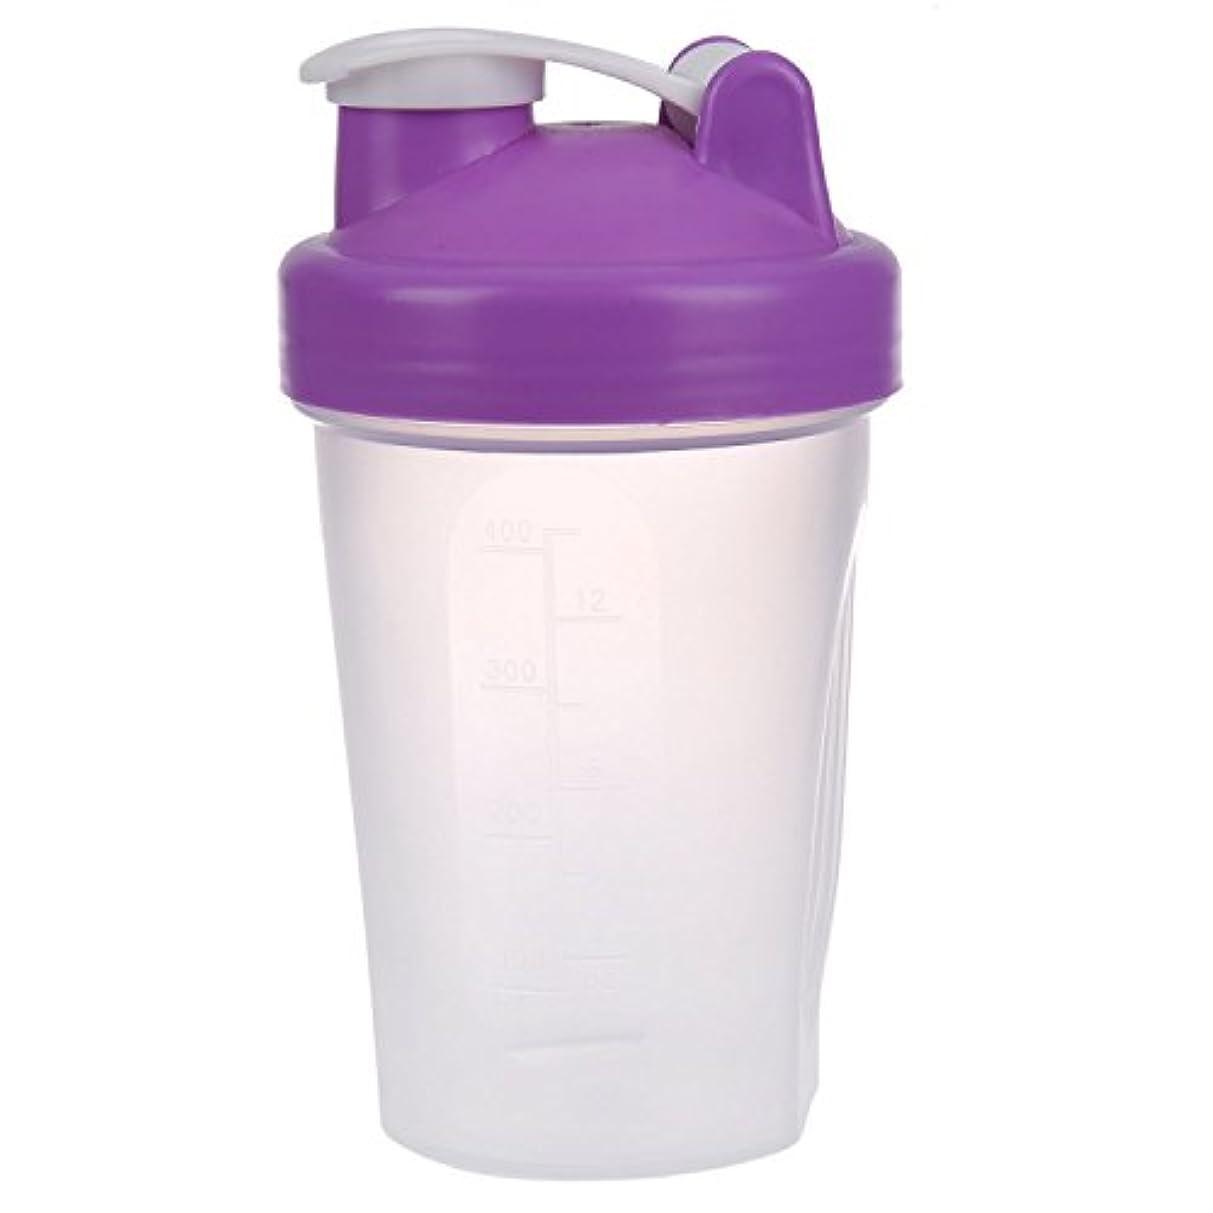 のヒープキャンバス幻滅するTOOGOO スマートシェイク ジムプロテインシェーカー ミキサーカップミキサーボトル 紫